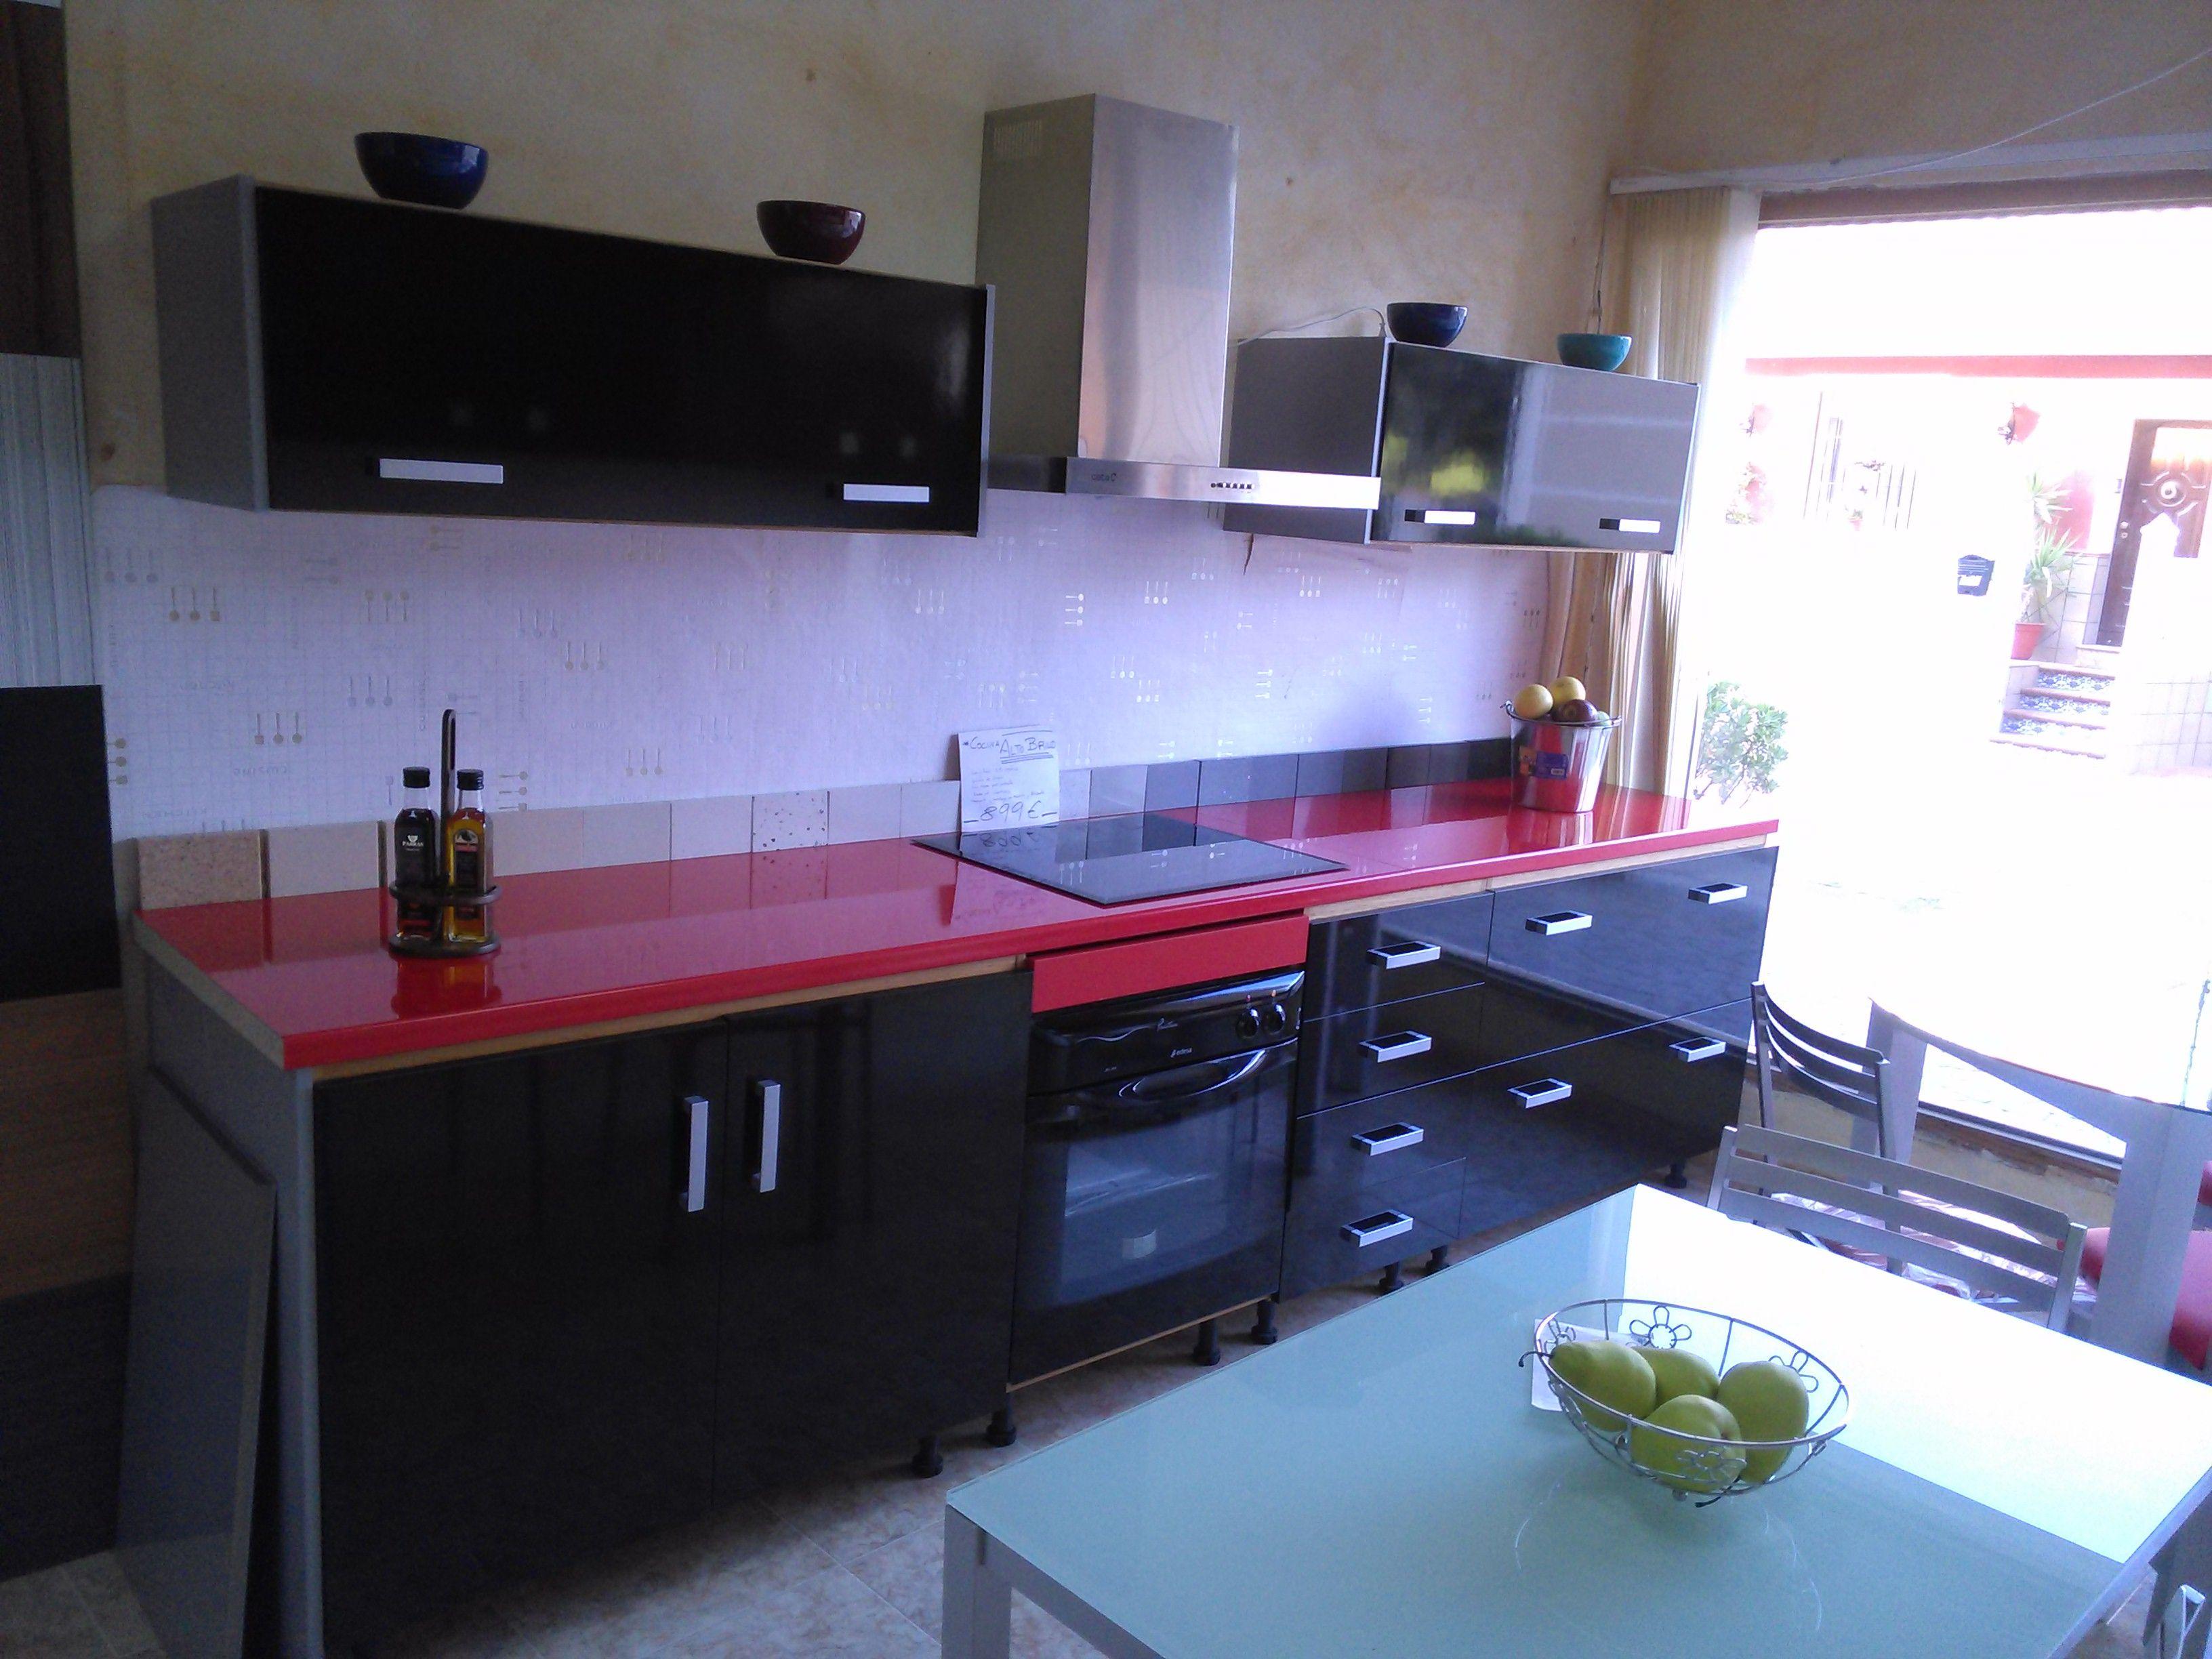 Cocina de exposici n 899 liquidaci n de exposici n - Liquidacion de muebles de cocina de exposicion ...